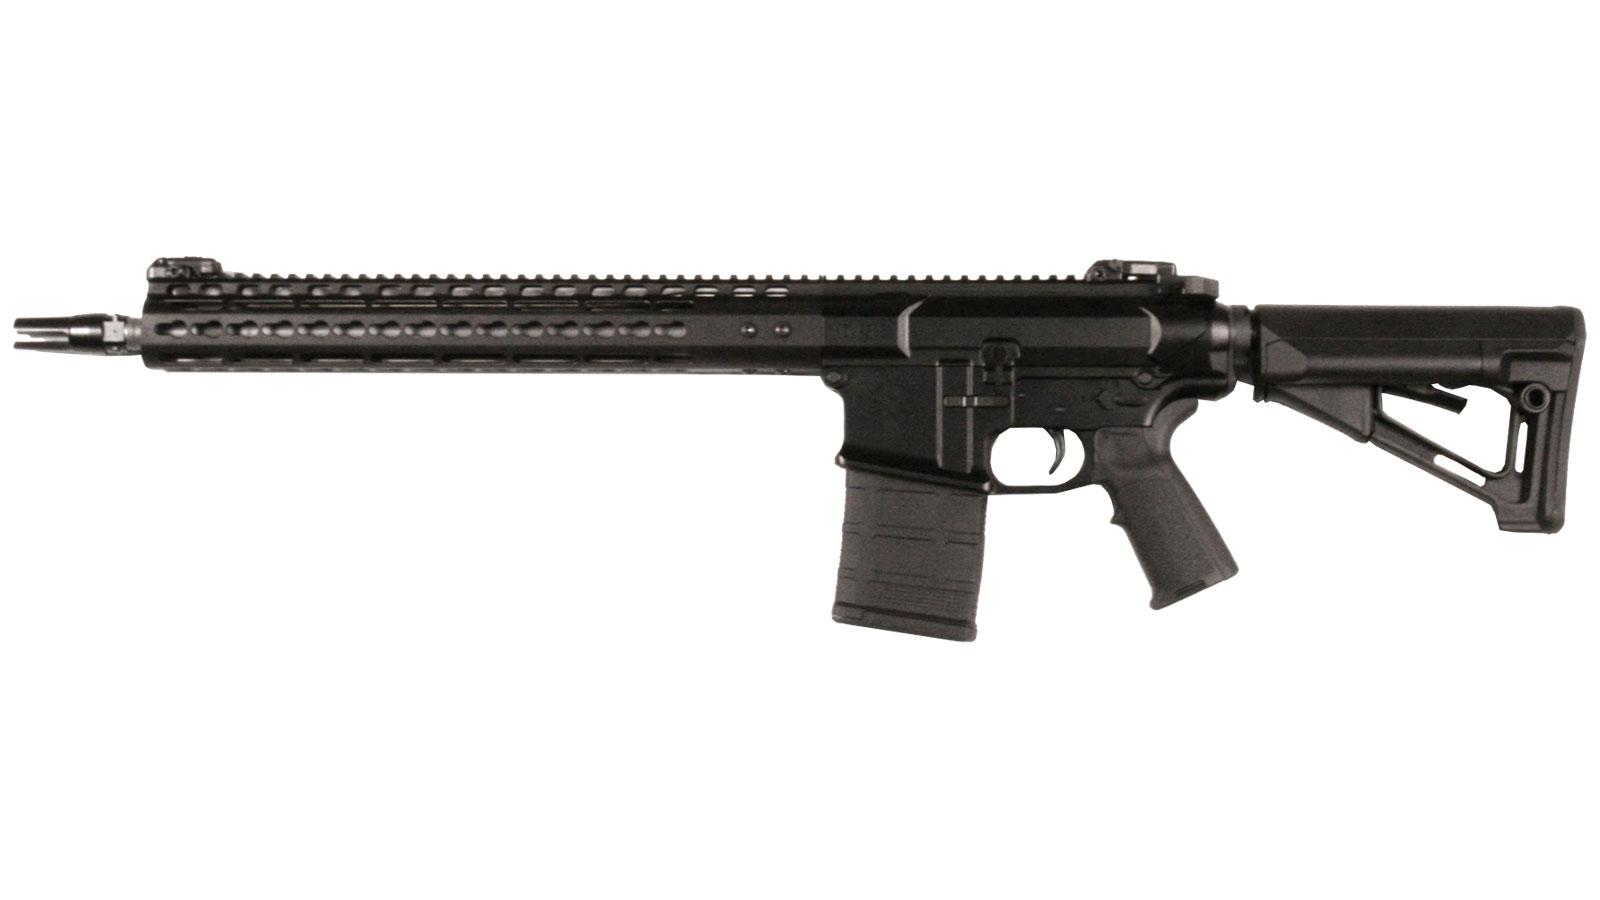 Noveske N6 Gen III 308 Win7.62 NATO 16in. 25+1 Black Cerakote Adjustable Magpul STR Stock